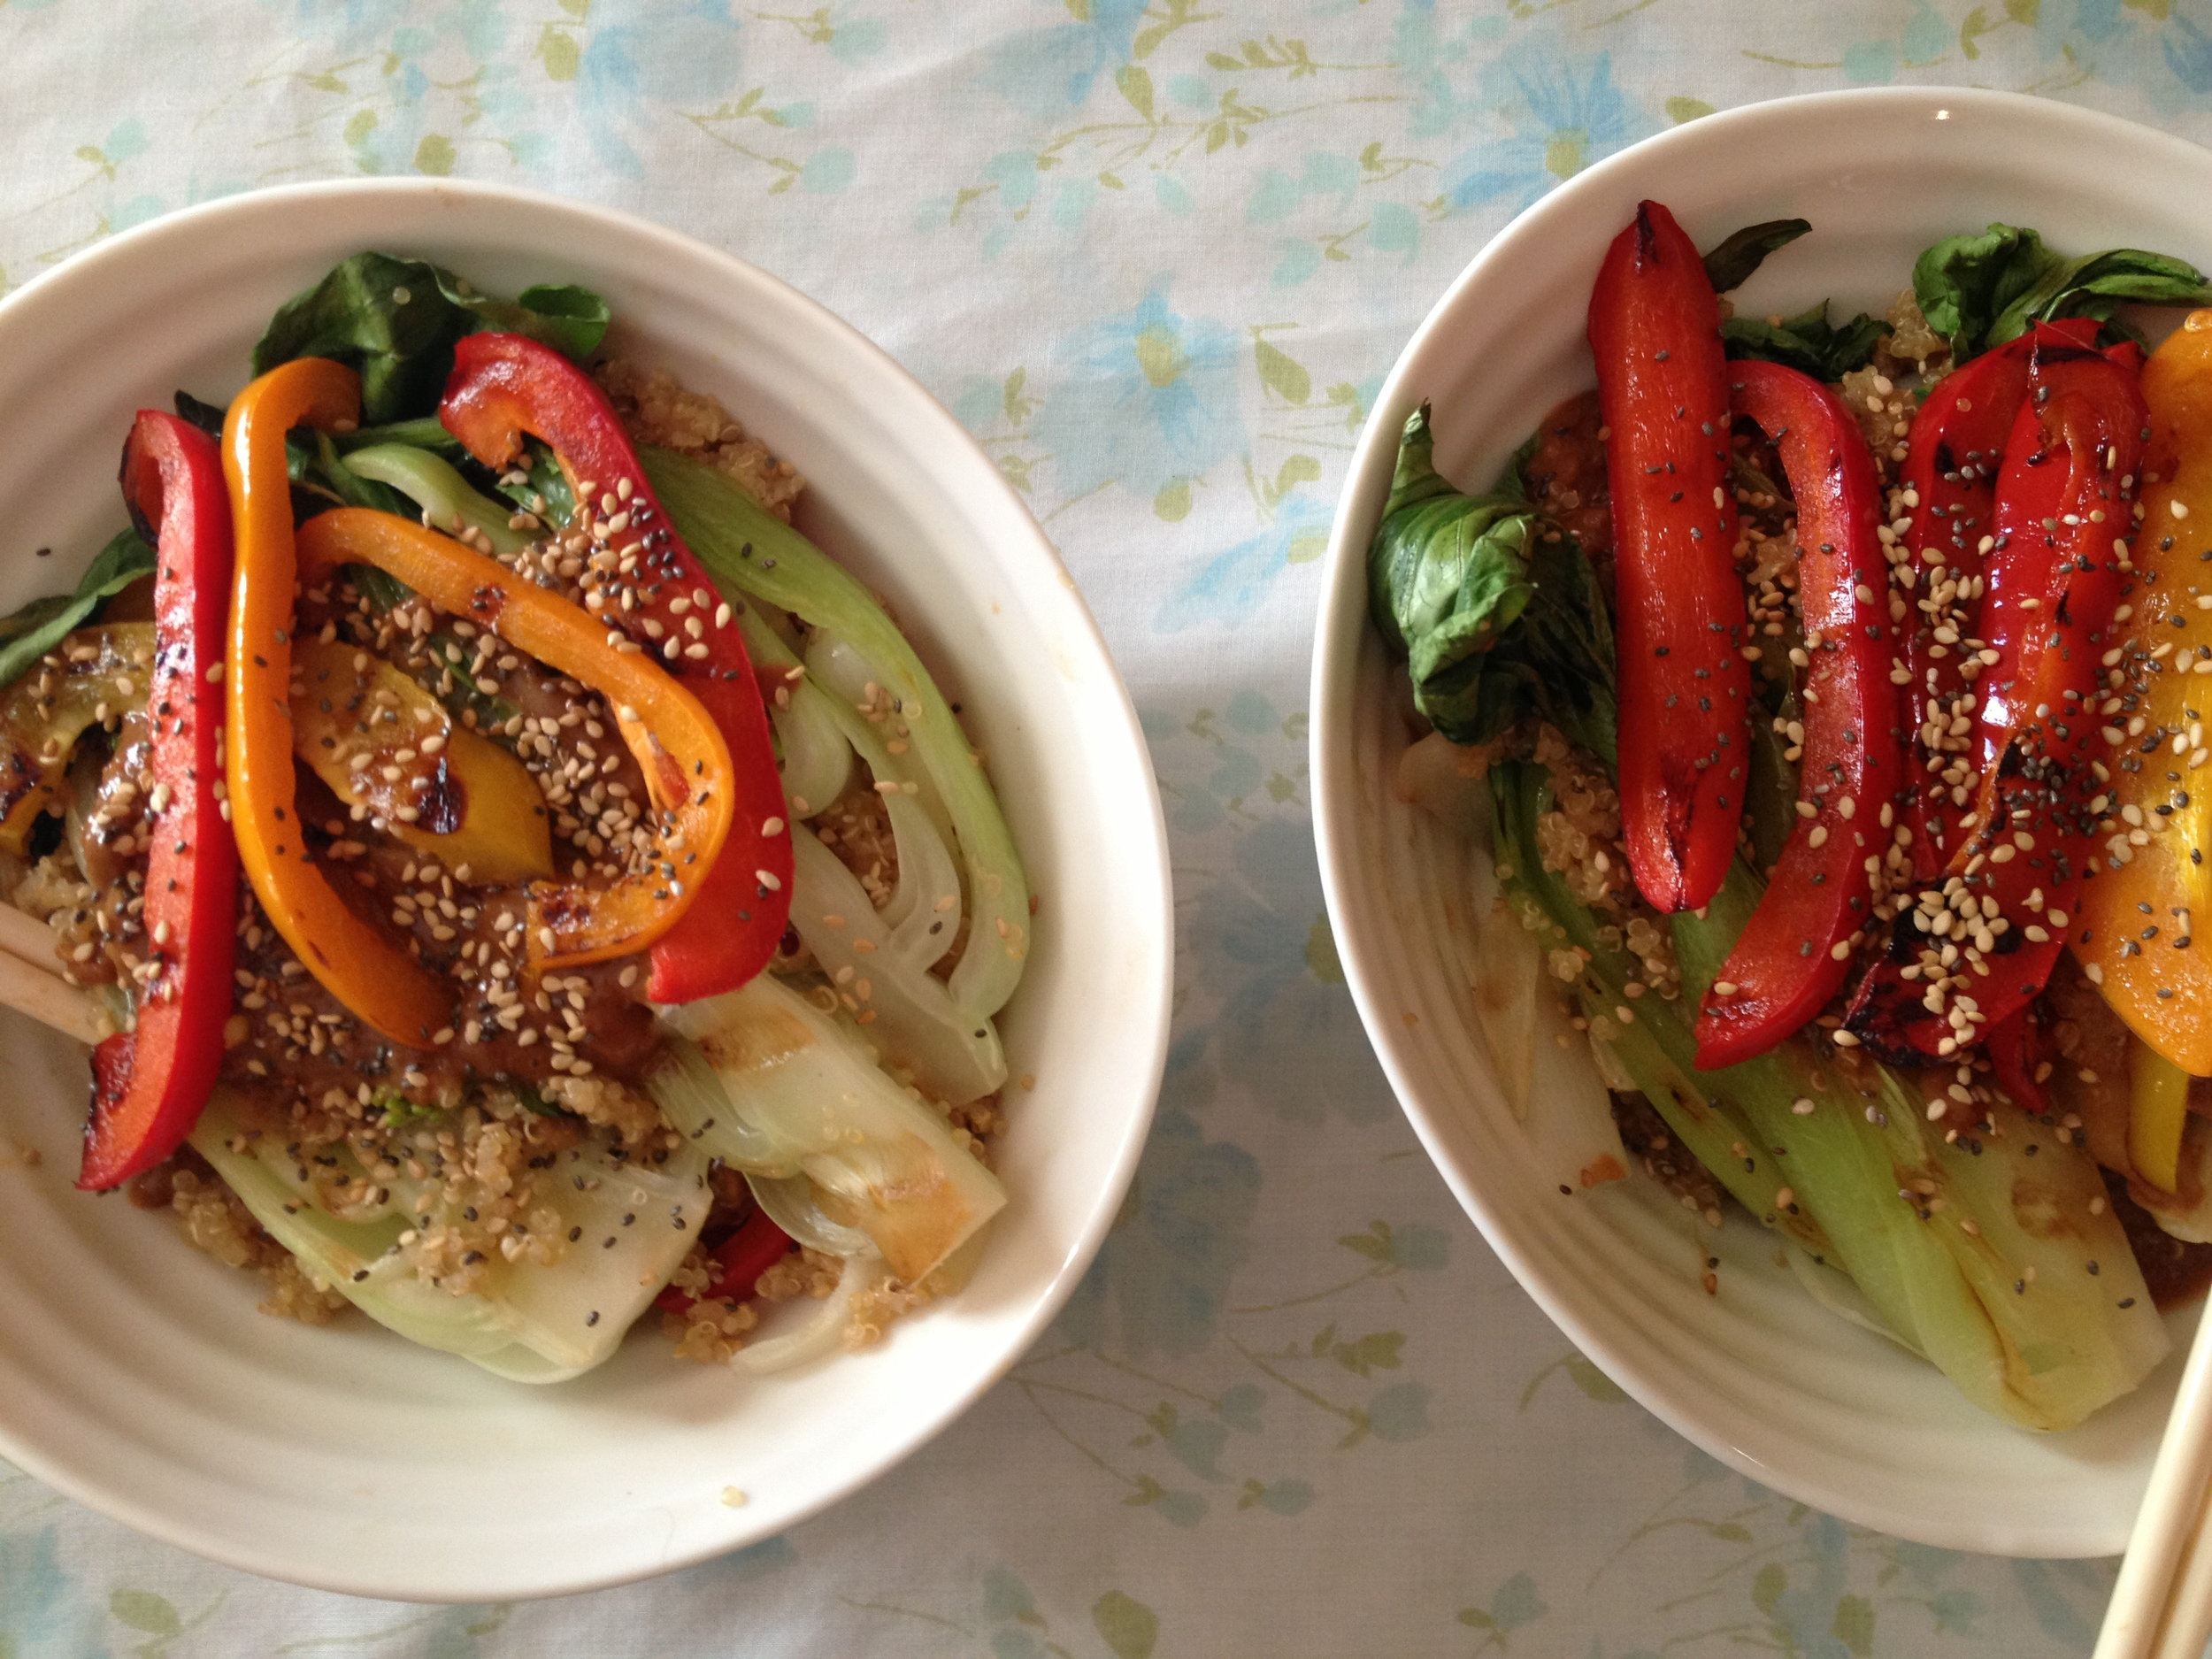 Healthy Thai peanut stir fry recipe - FitCakery.com